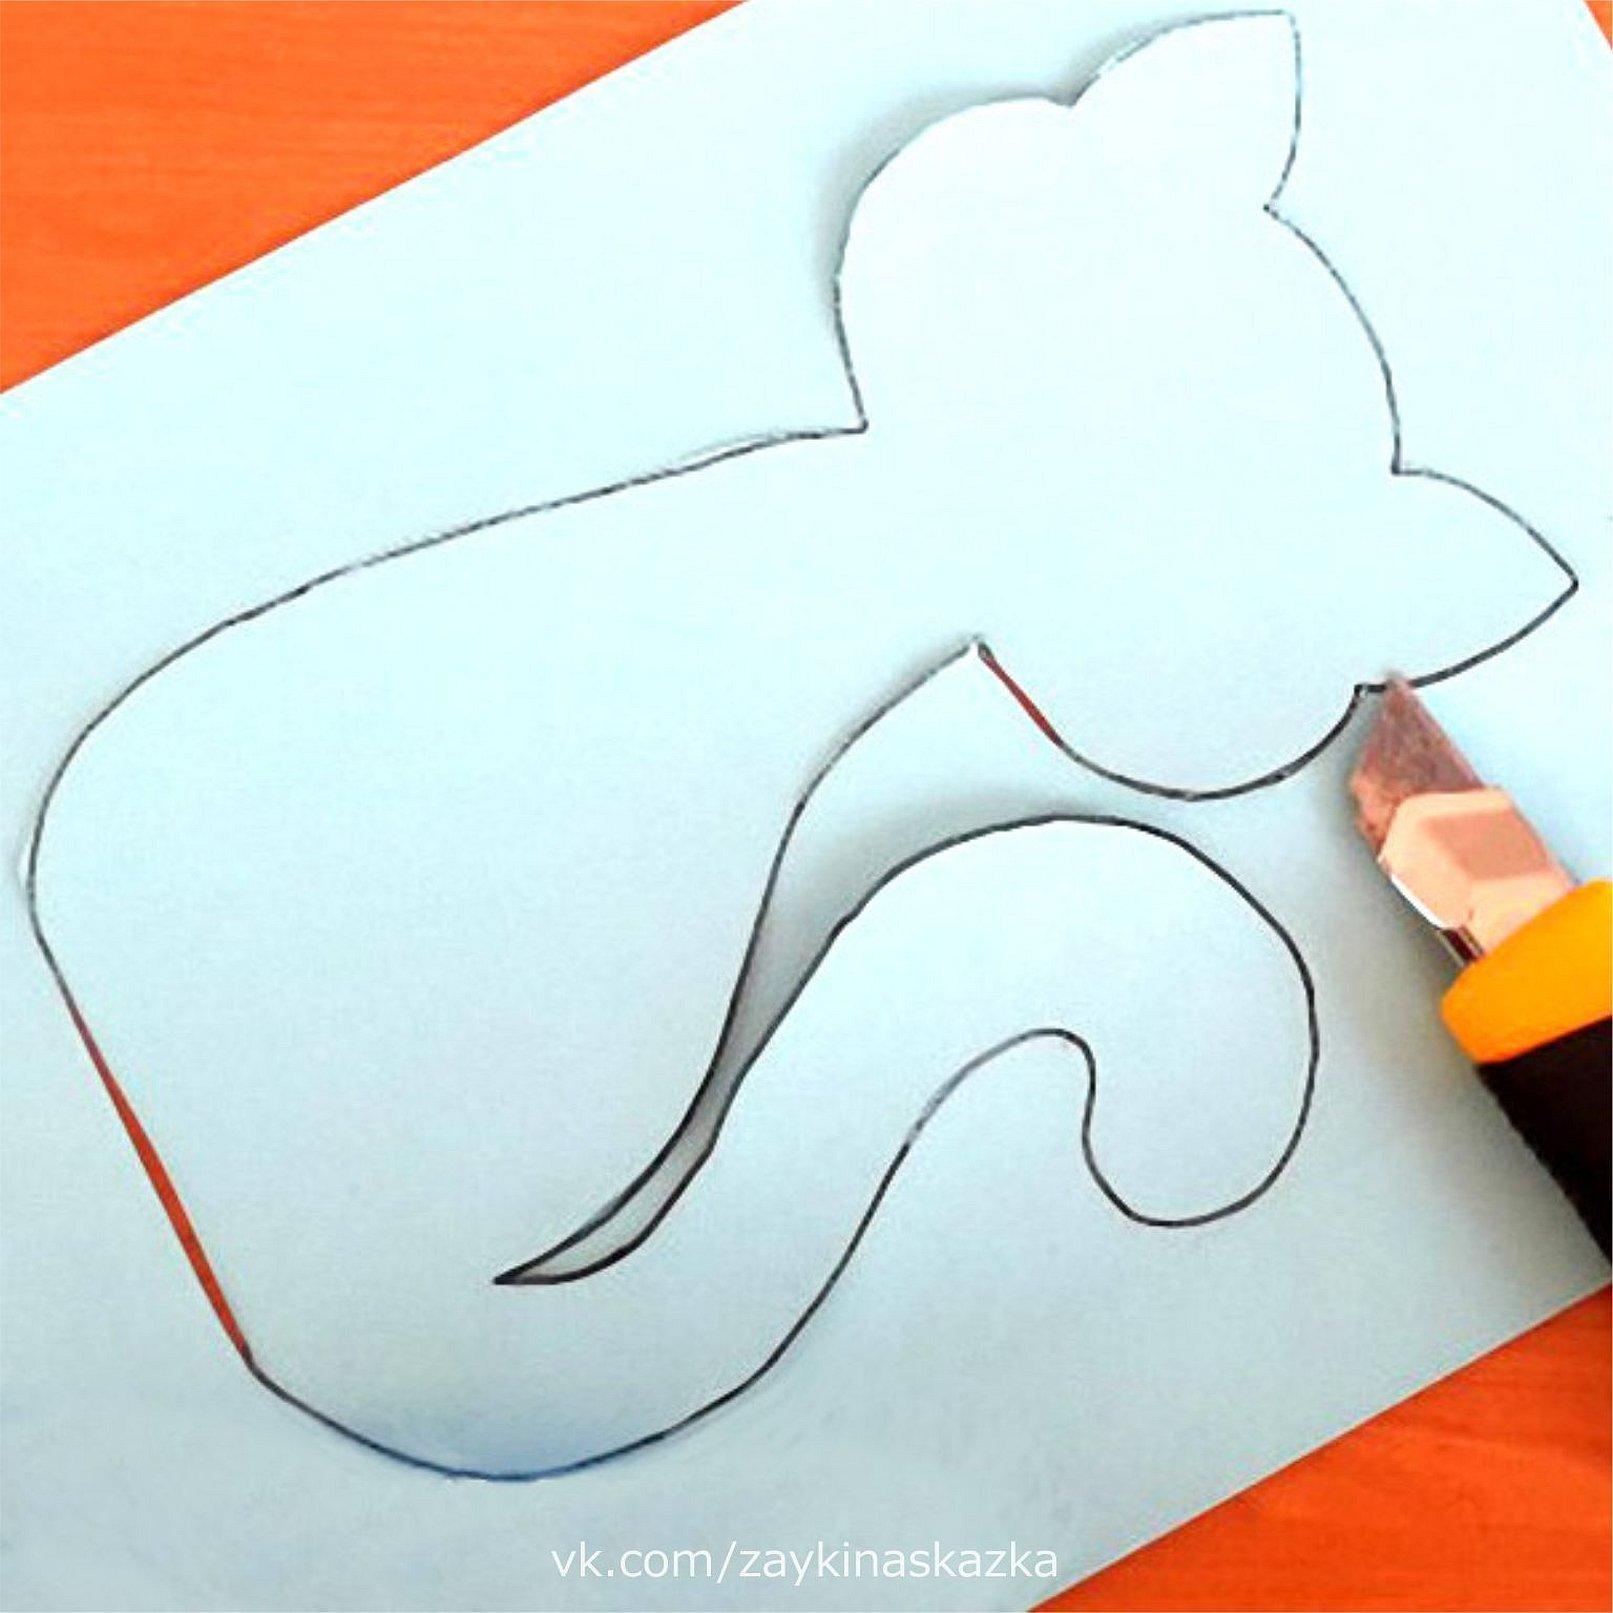 Технология вырезания рисования контуром